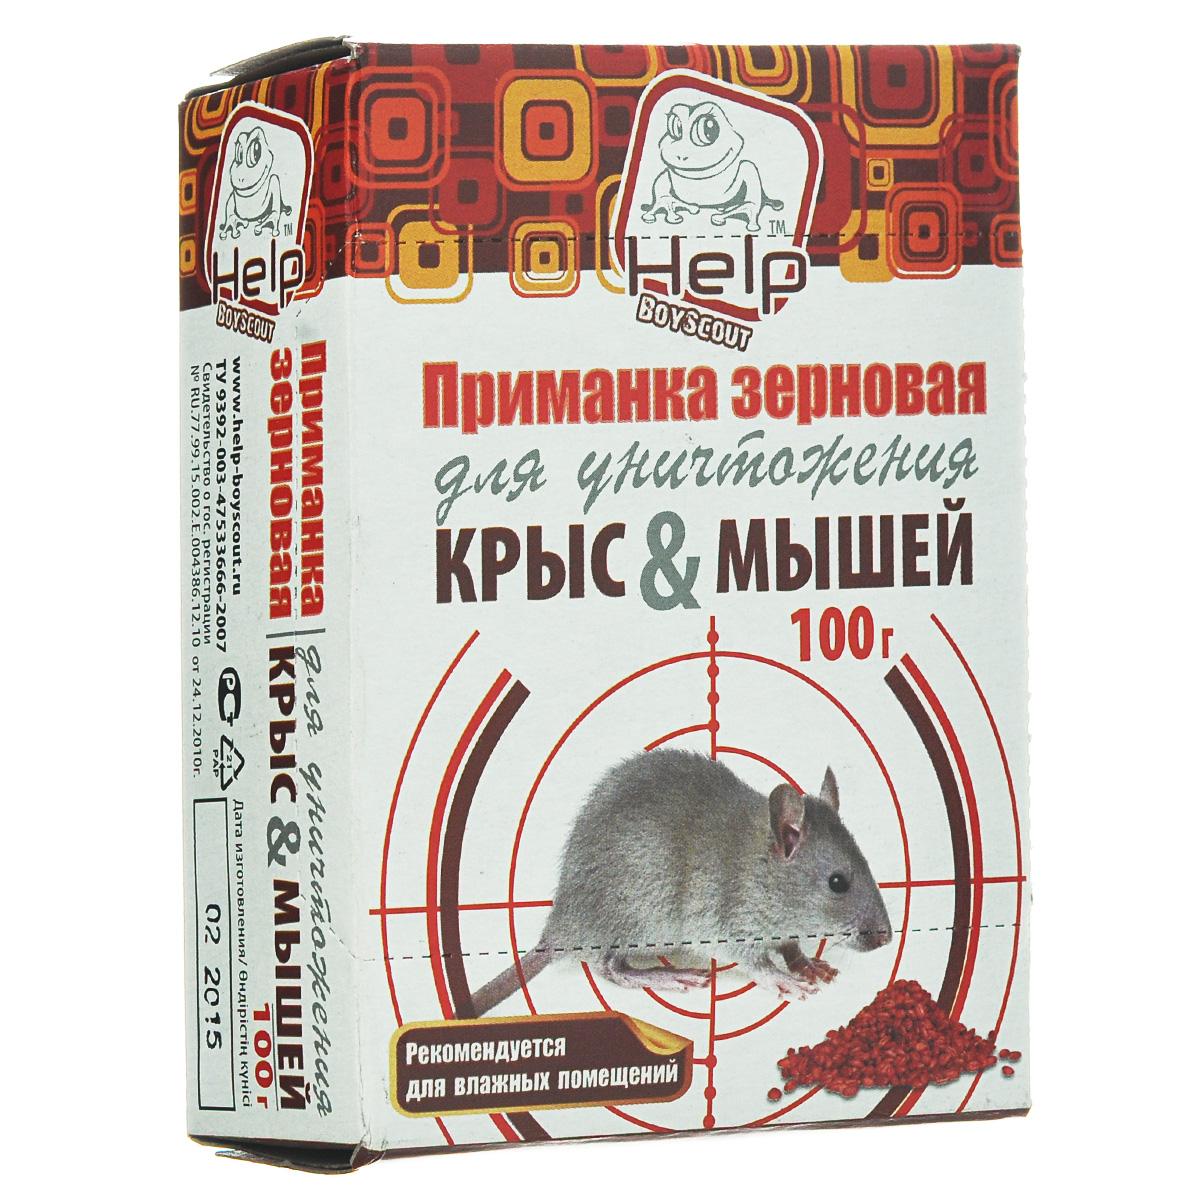 Приманка зерновая HELP для уничтожения крыс и мышей, 100 г787502Приманка зерновая HELP предназначена для уничтожения крыс (серые, черные, водяные), мышей в жилых и нежилых помещениях, в канализационных сооружениях, в подвалах, погребах. Инструкция по применению указана на упаковке.Рекомендуется для влажных помещений.Вес: 100 г.Товар сертифицирован.